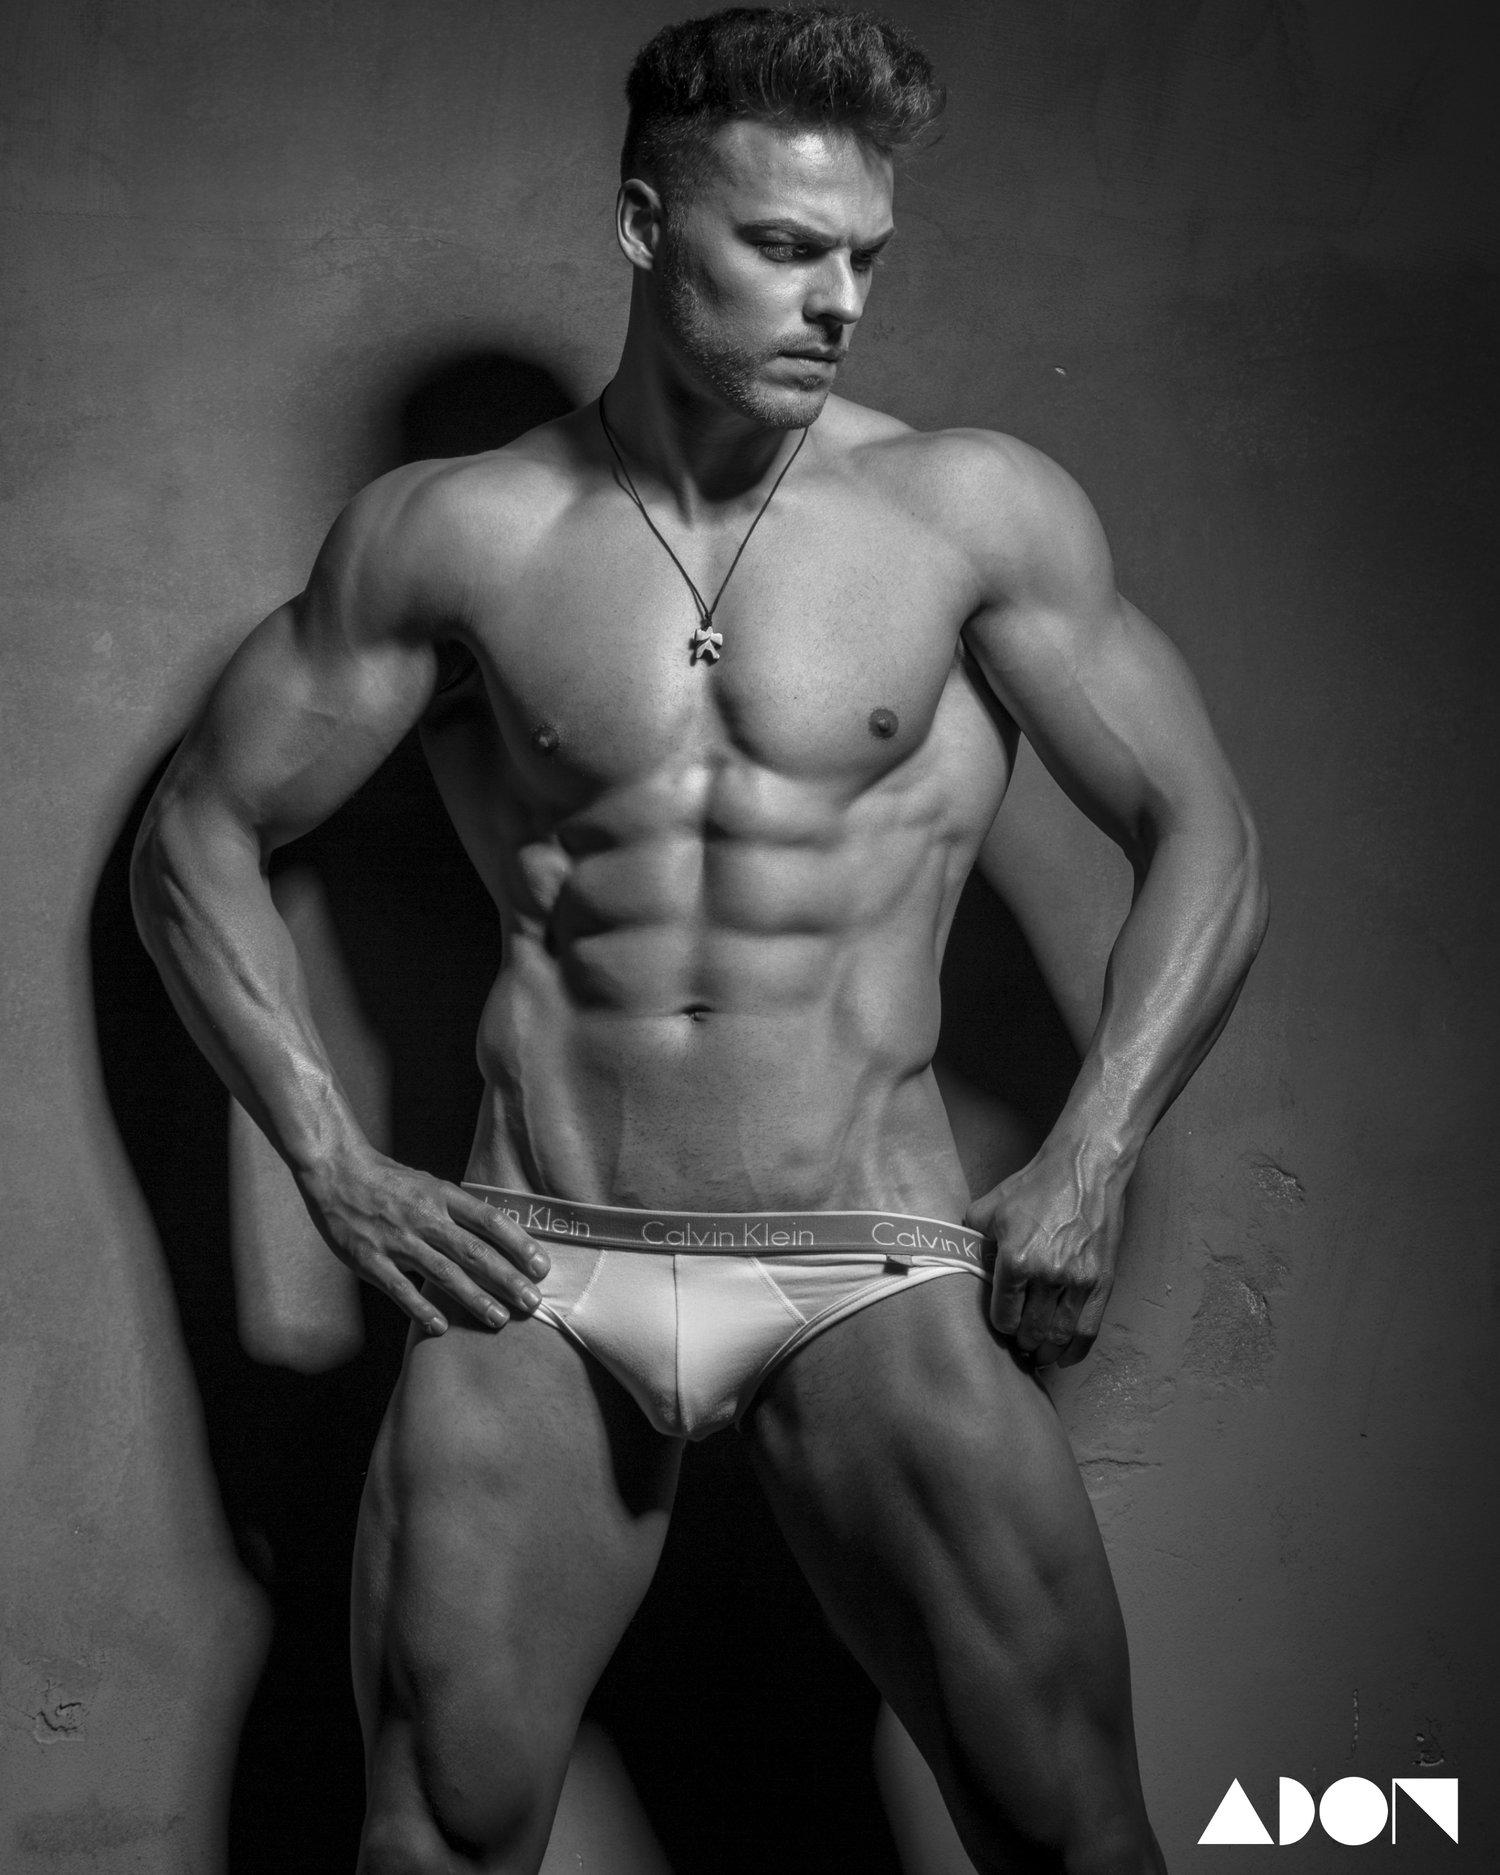 Adon Exclusive: Model Eddy Kammerer By Paul Van Der Linde